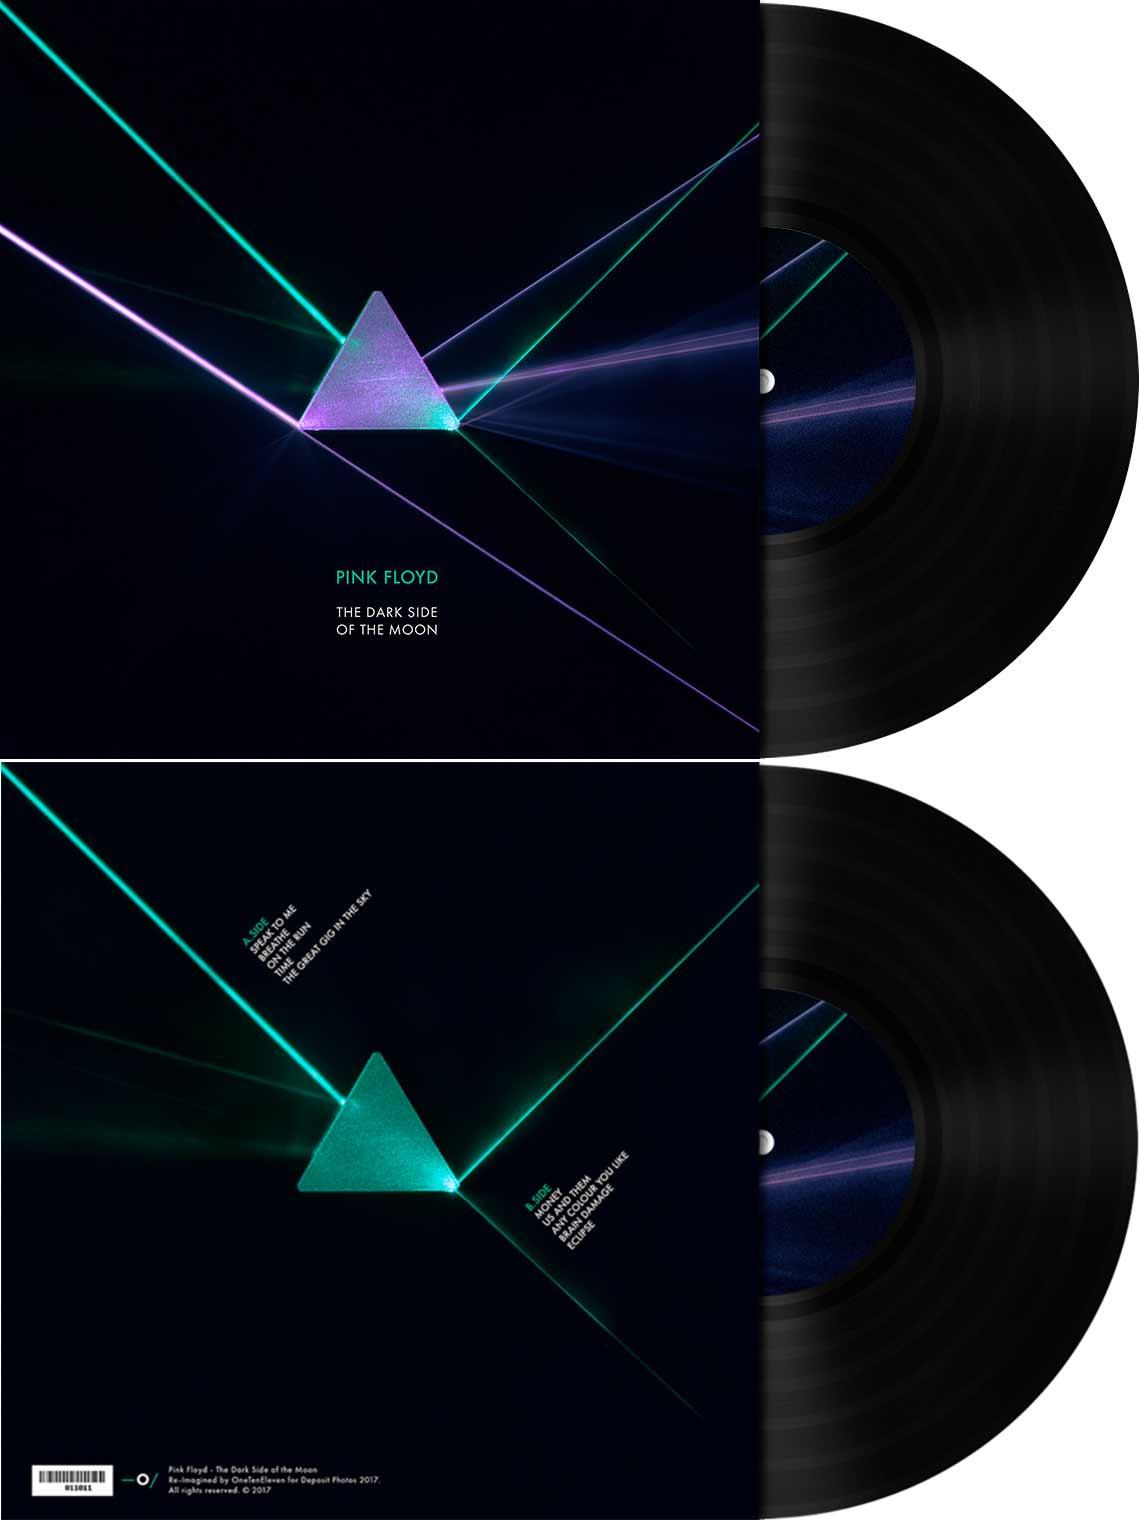 Neu-gestaltete Cover ikonischer Platten reimagined-album-covers_04